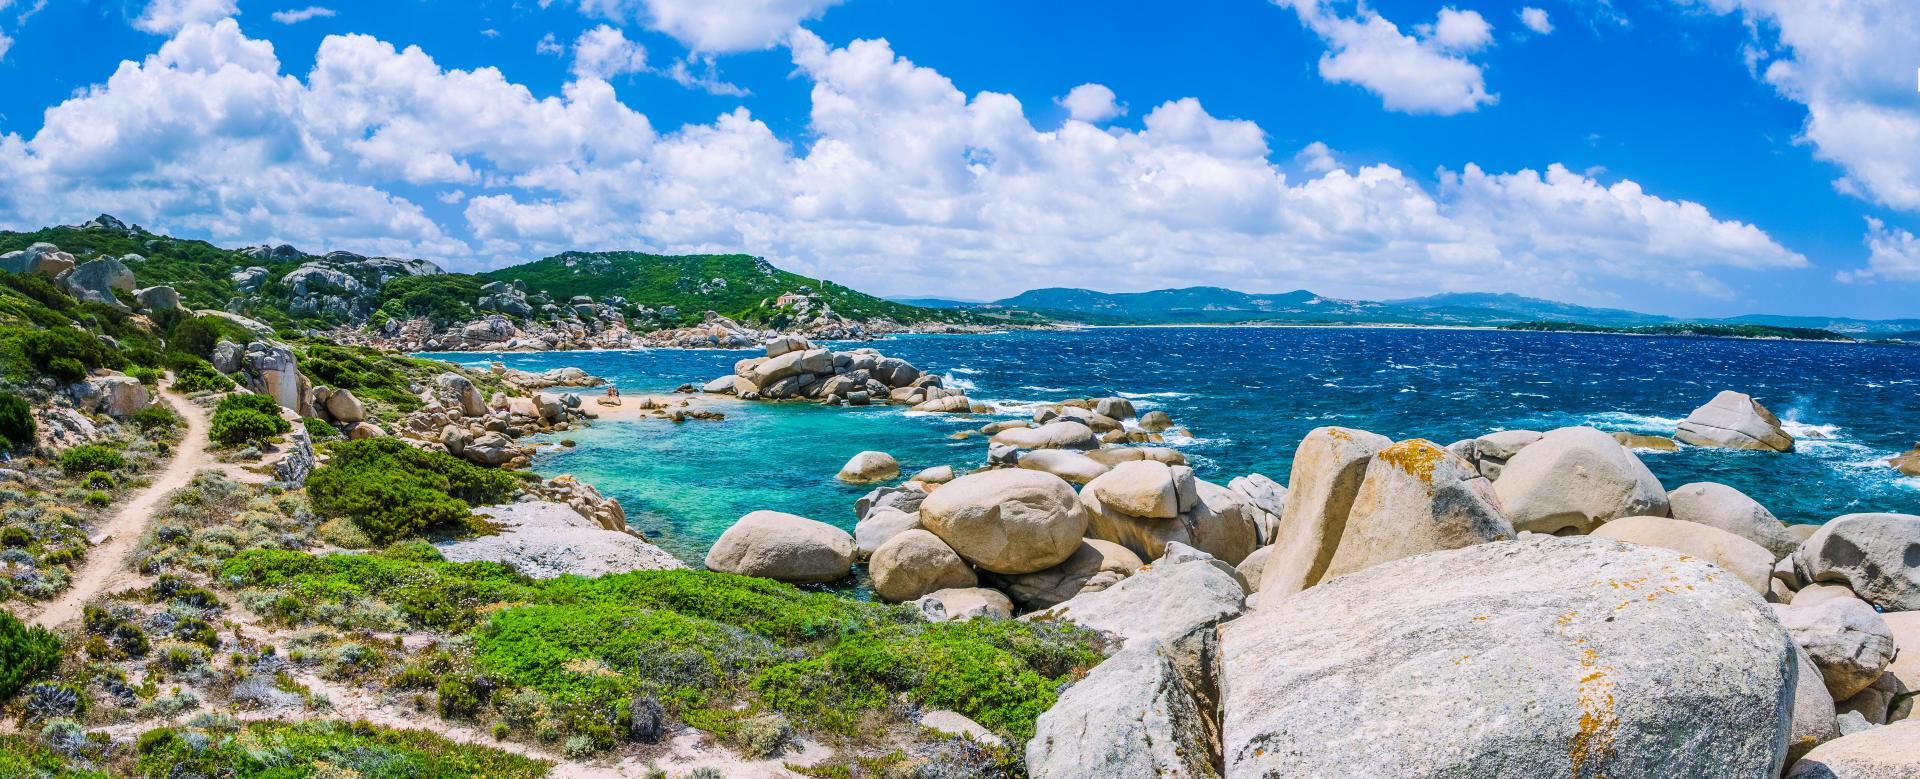 Voyage à pied Italie : Golfe d'orosei et costa smeralda